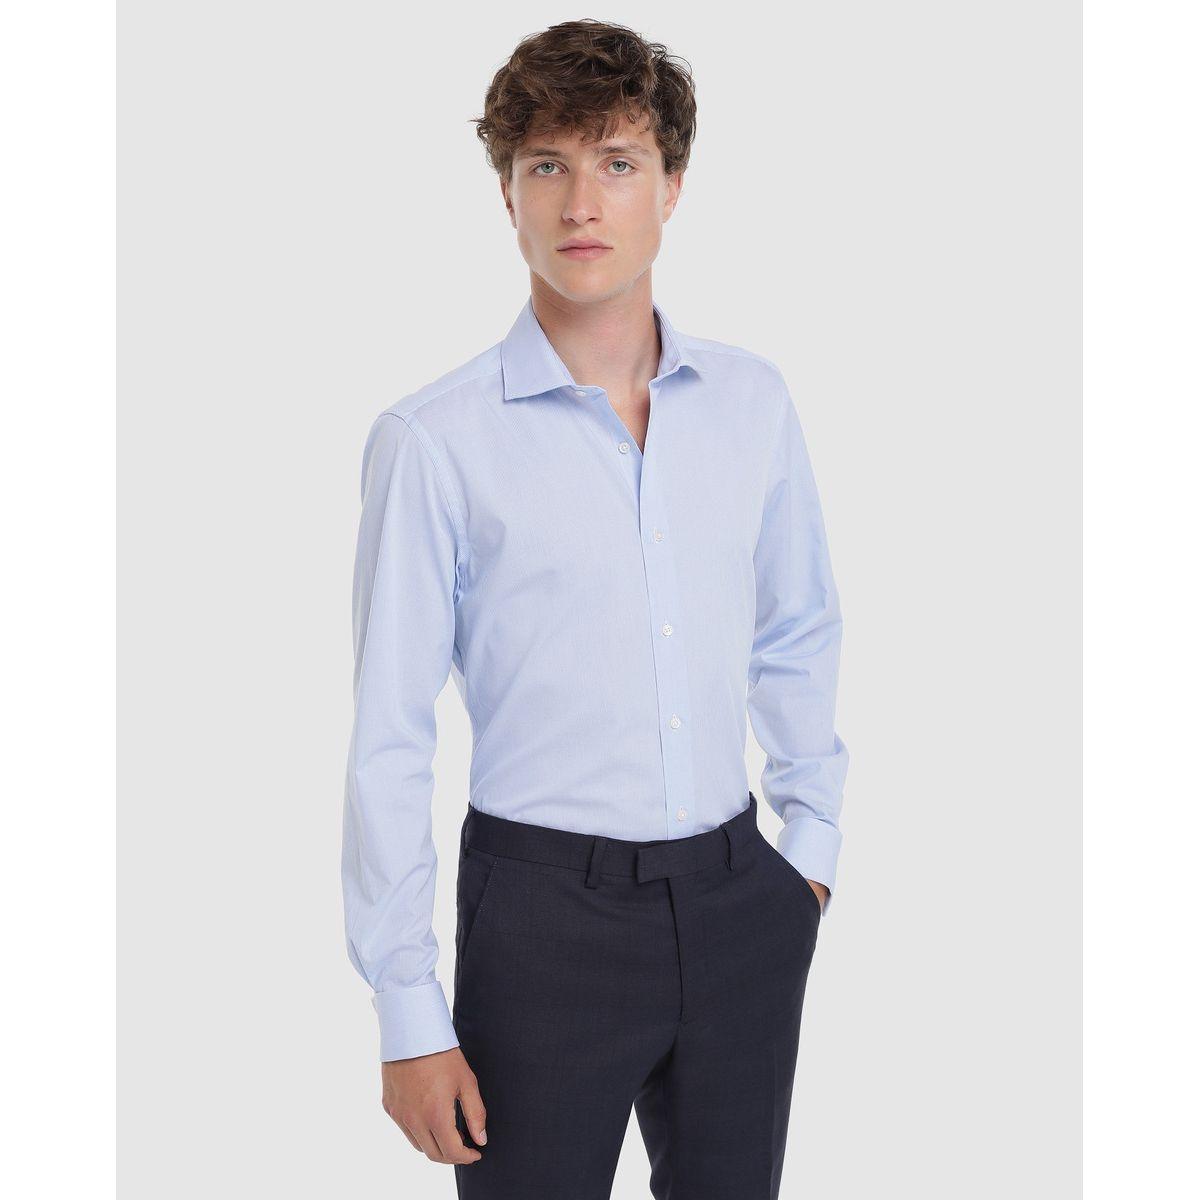 Chemise slim habillée repassage facile à carreaux bleu